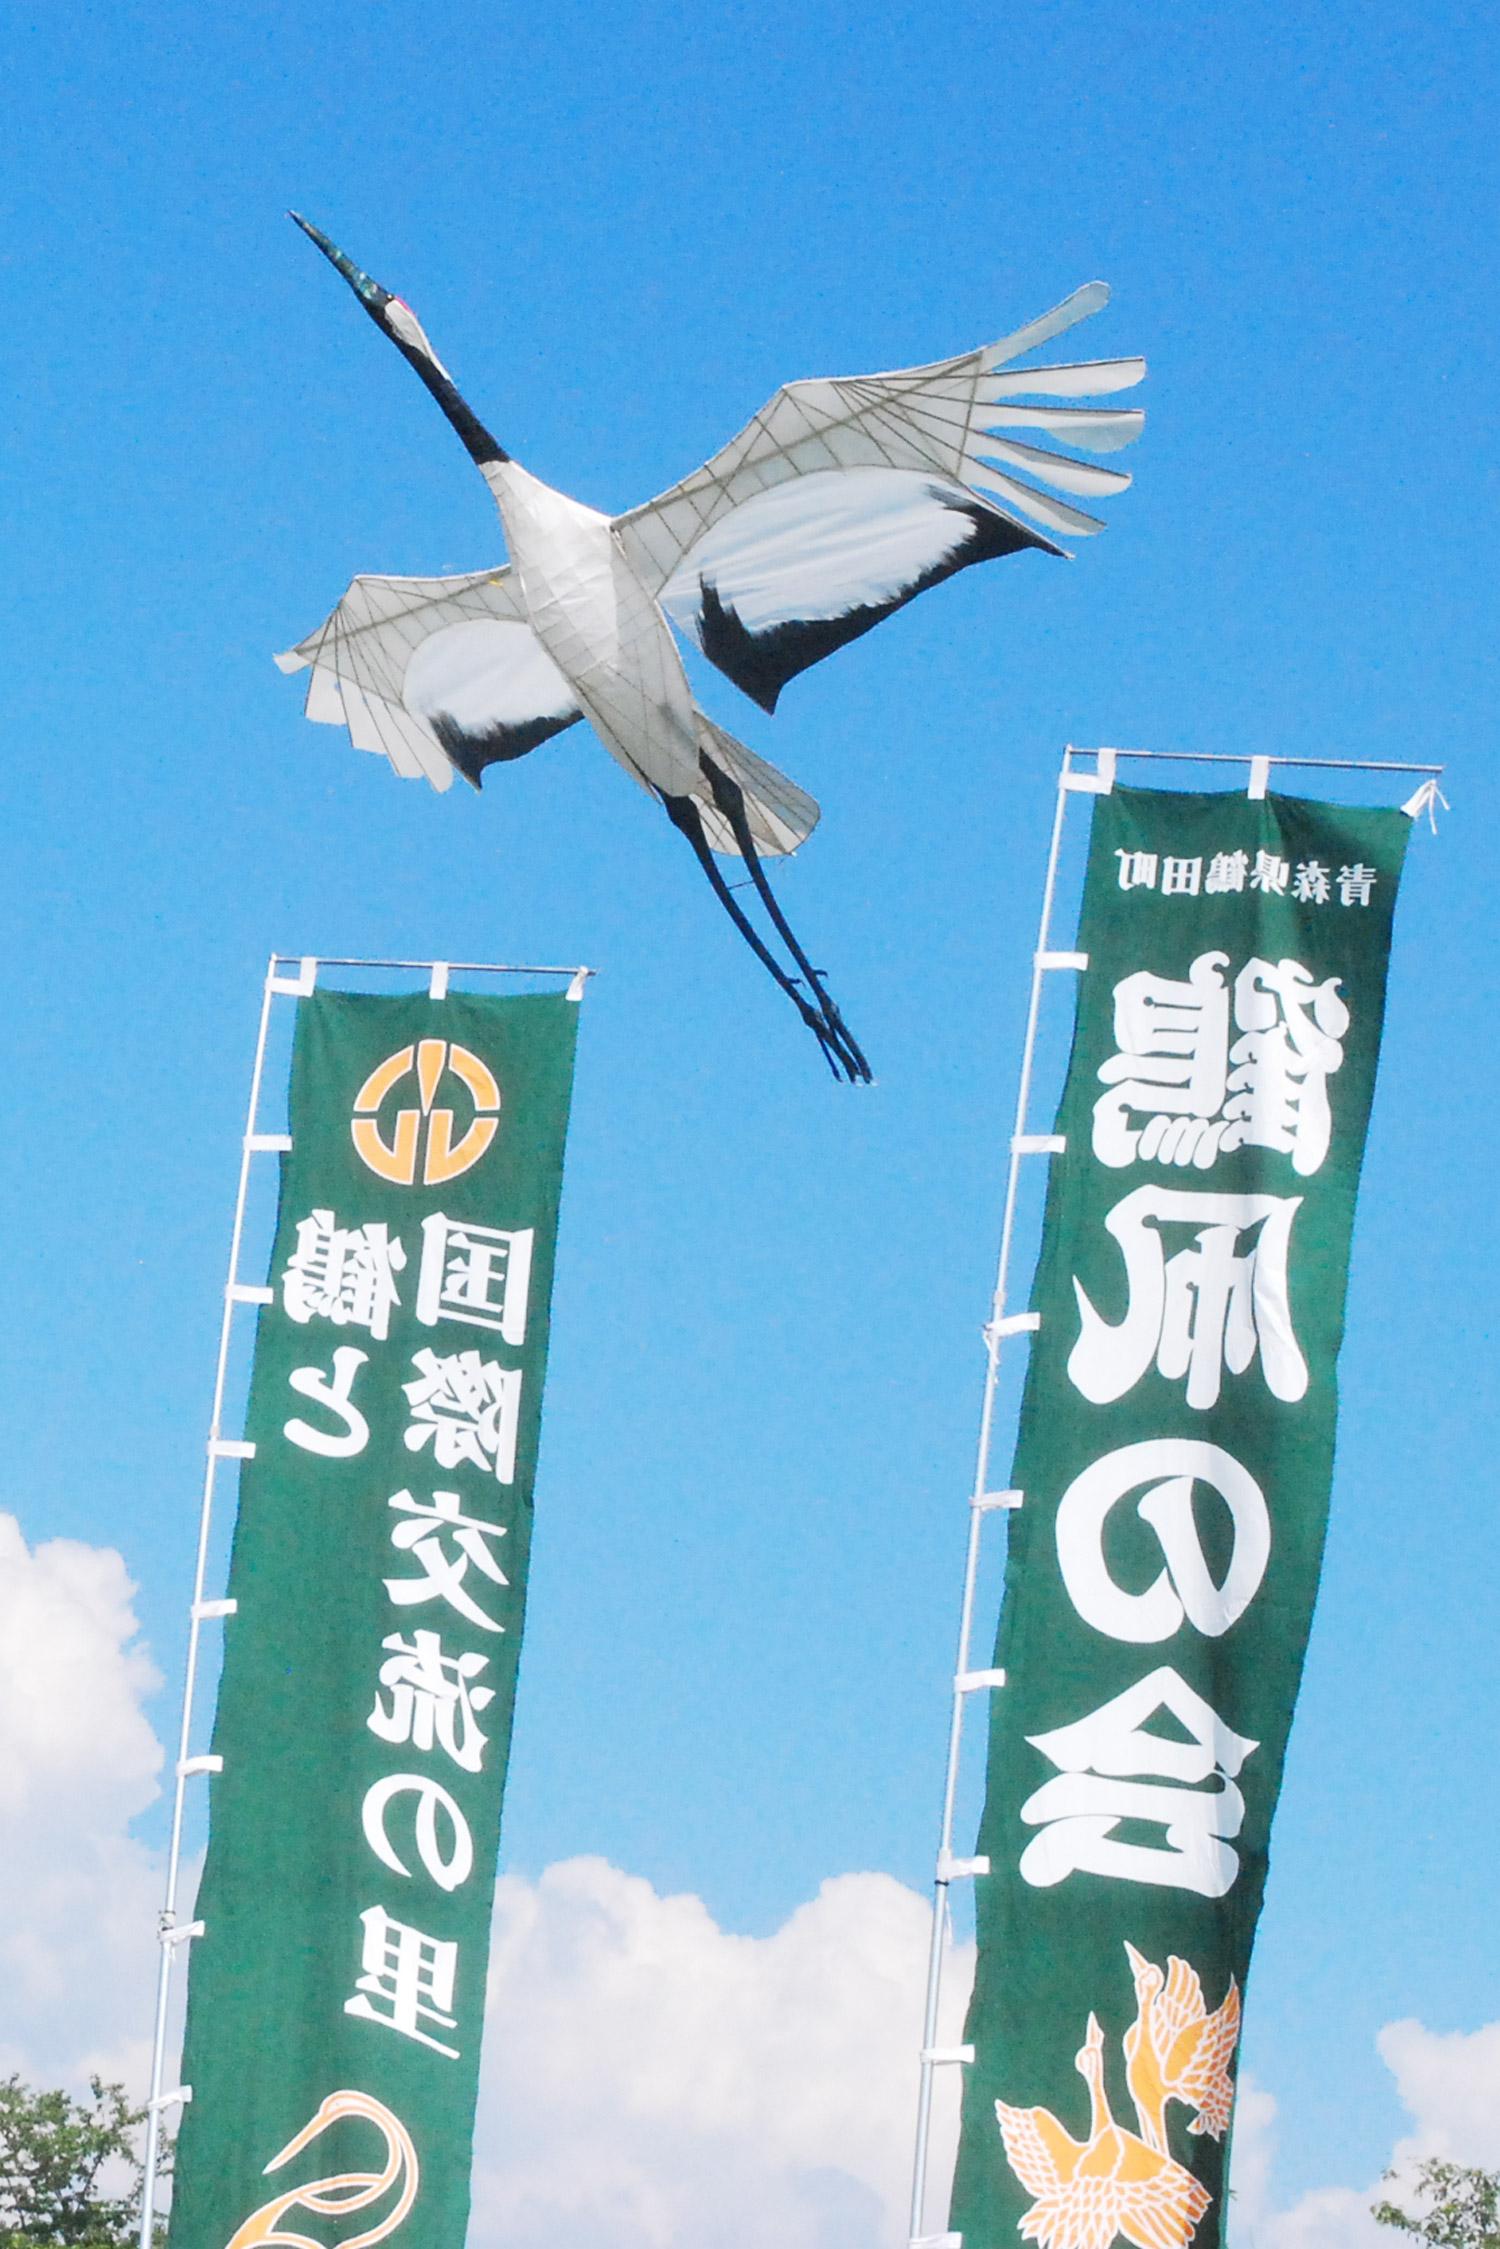 鶴舞風箏協會